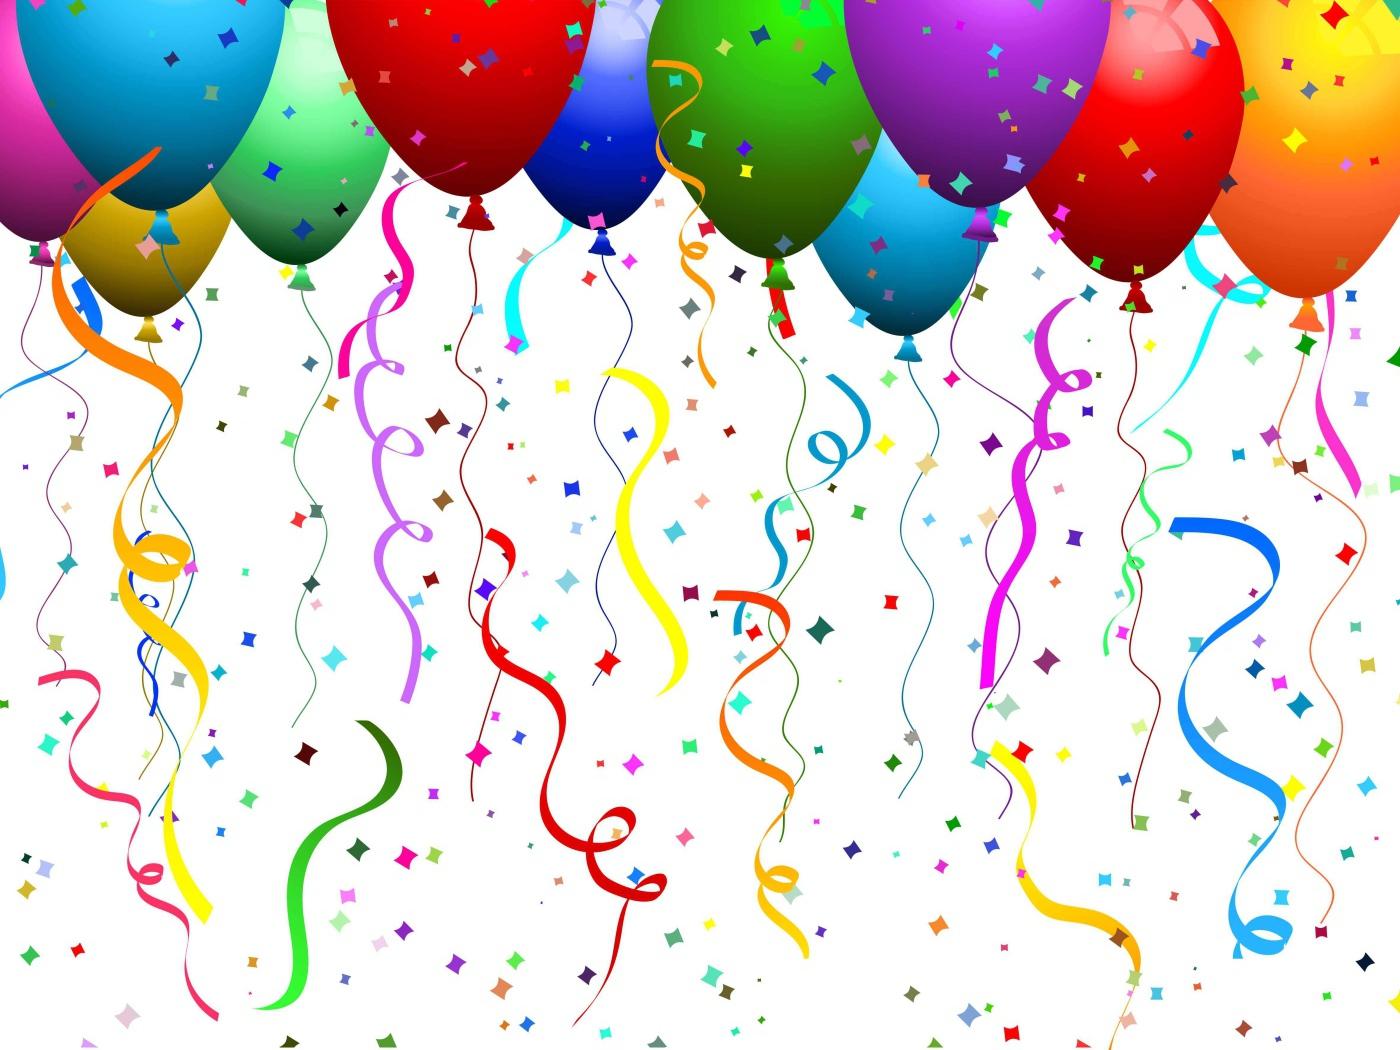 Серпантин поздравлений на день рождения 872